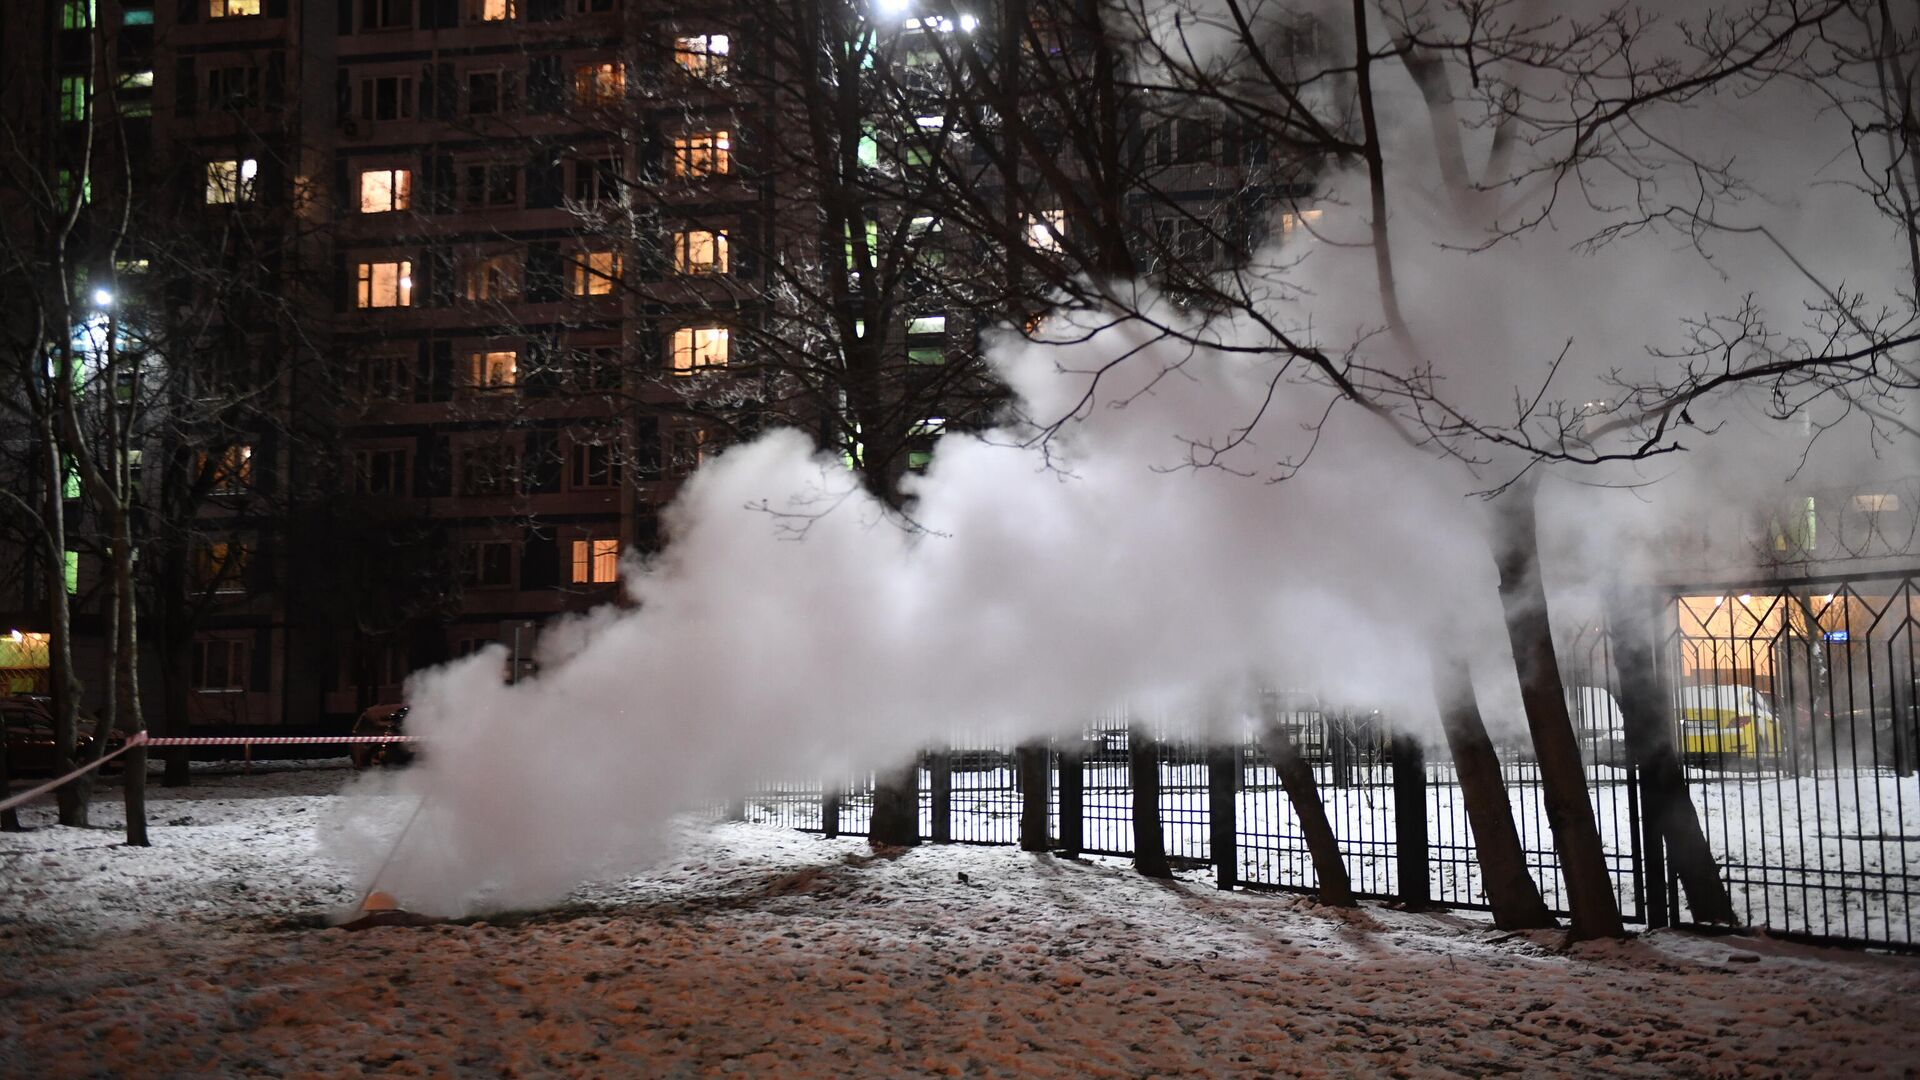 Место прорыва трубы с горячей водой на улице Теплый стан в районе дома 12 - РИА Новости, 1920, 09.12.2020